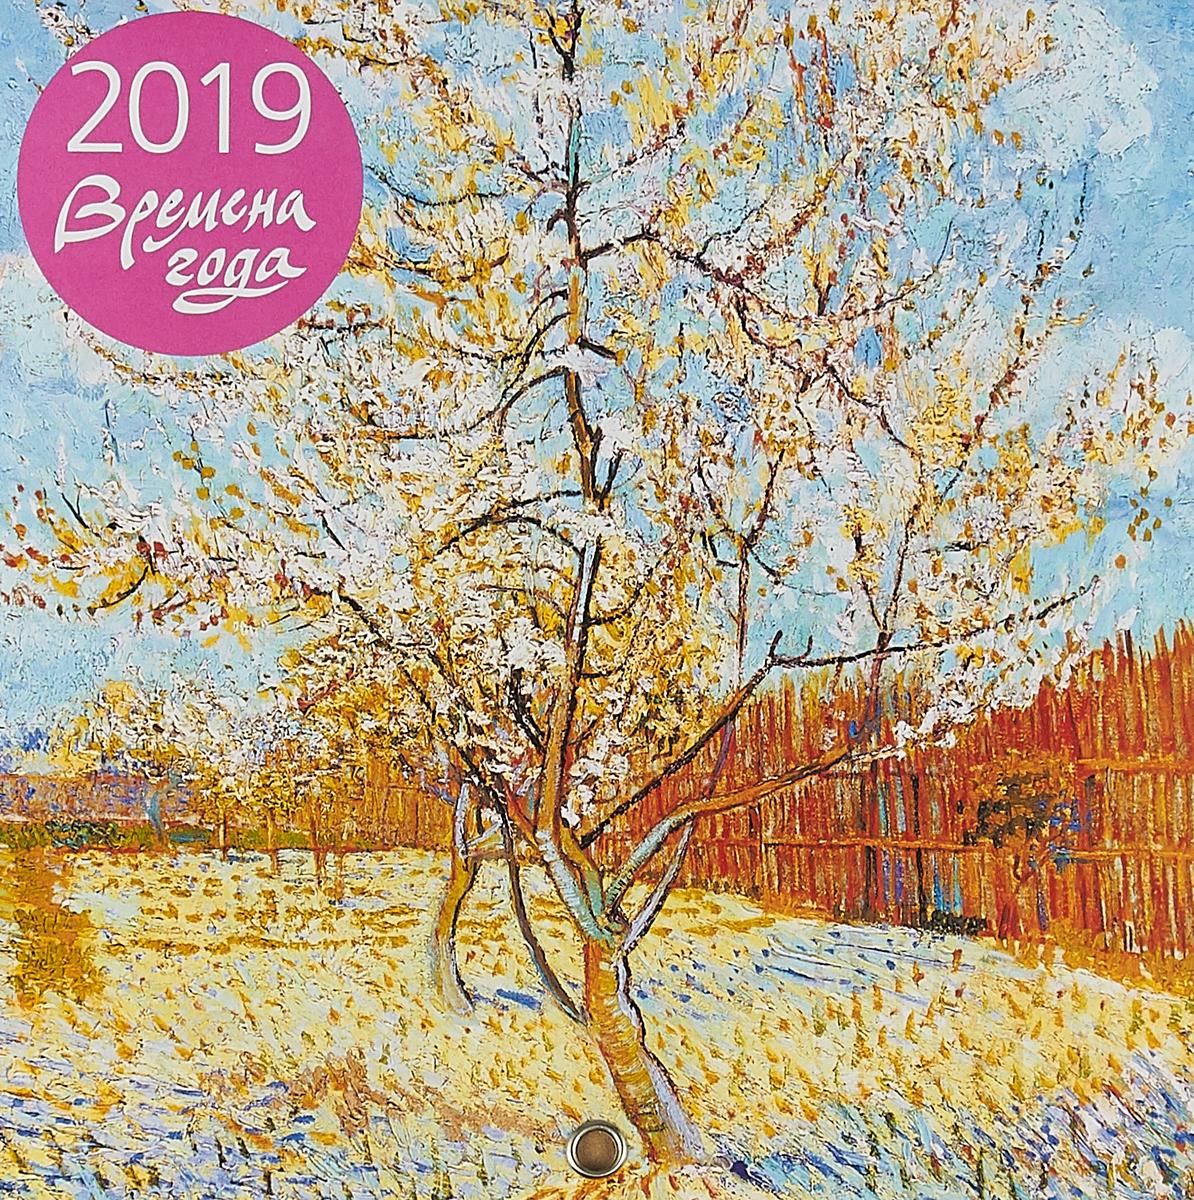 Времена года. Календарь настенный на 2019 год